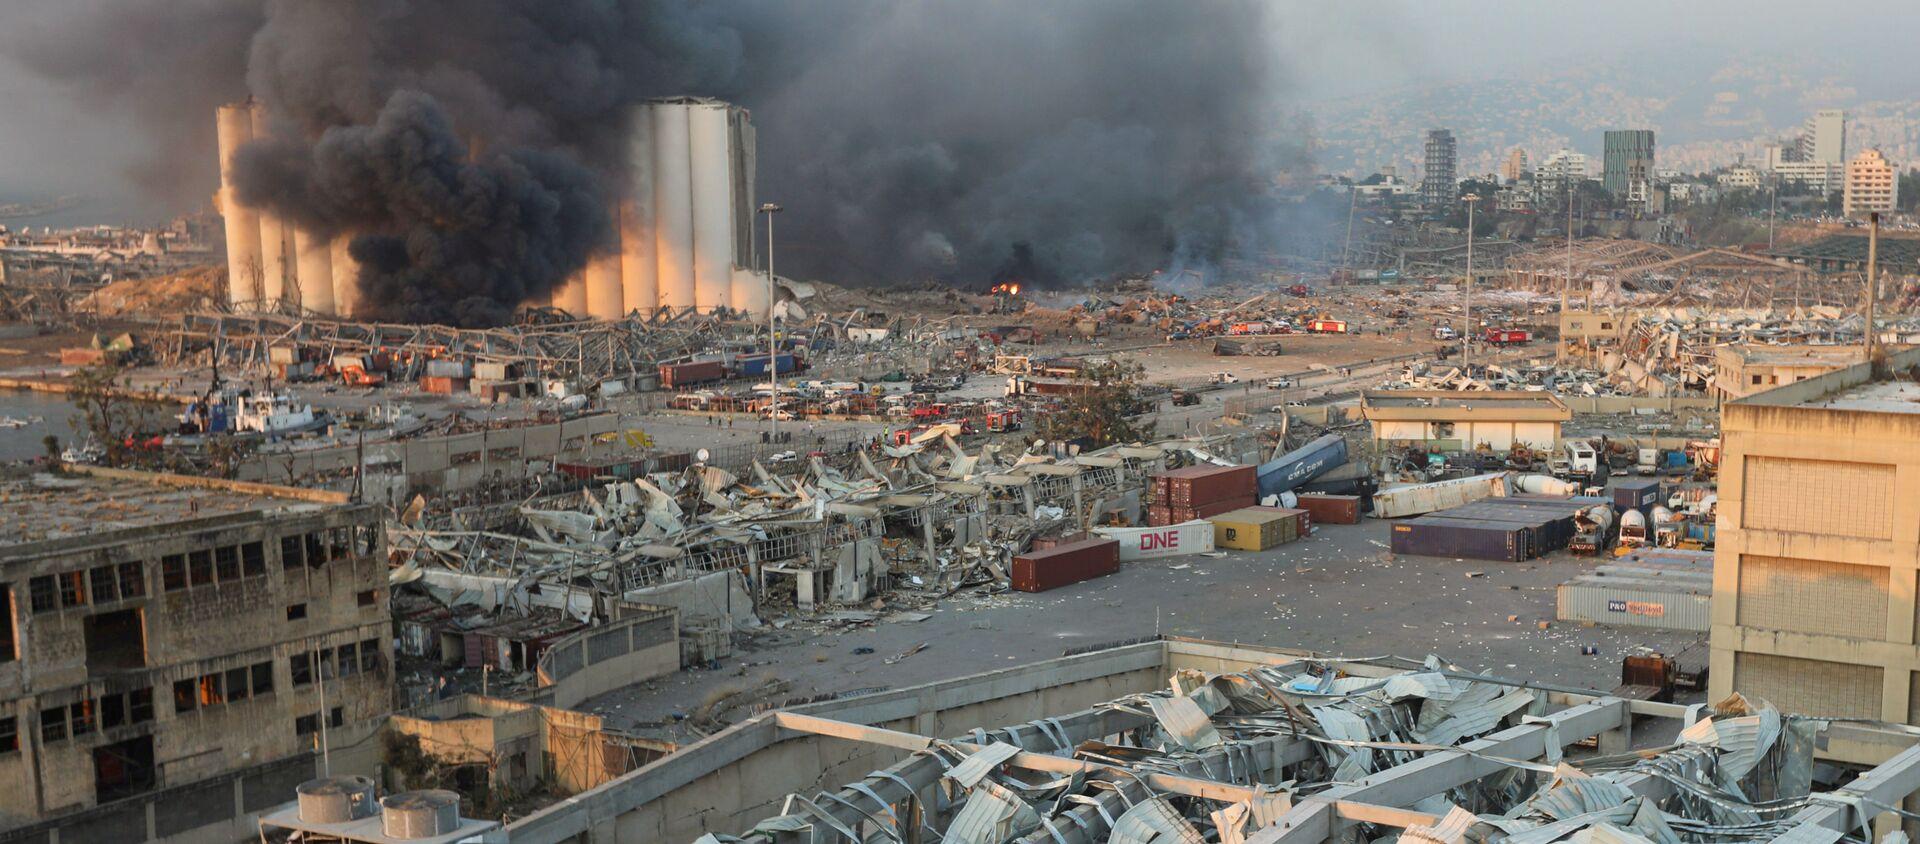 Мощный взрыв в Бейруте - столице и крупнейшем городе Ливана - Sputnik Грузия, 1920, 13.08.2020